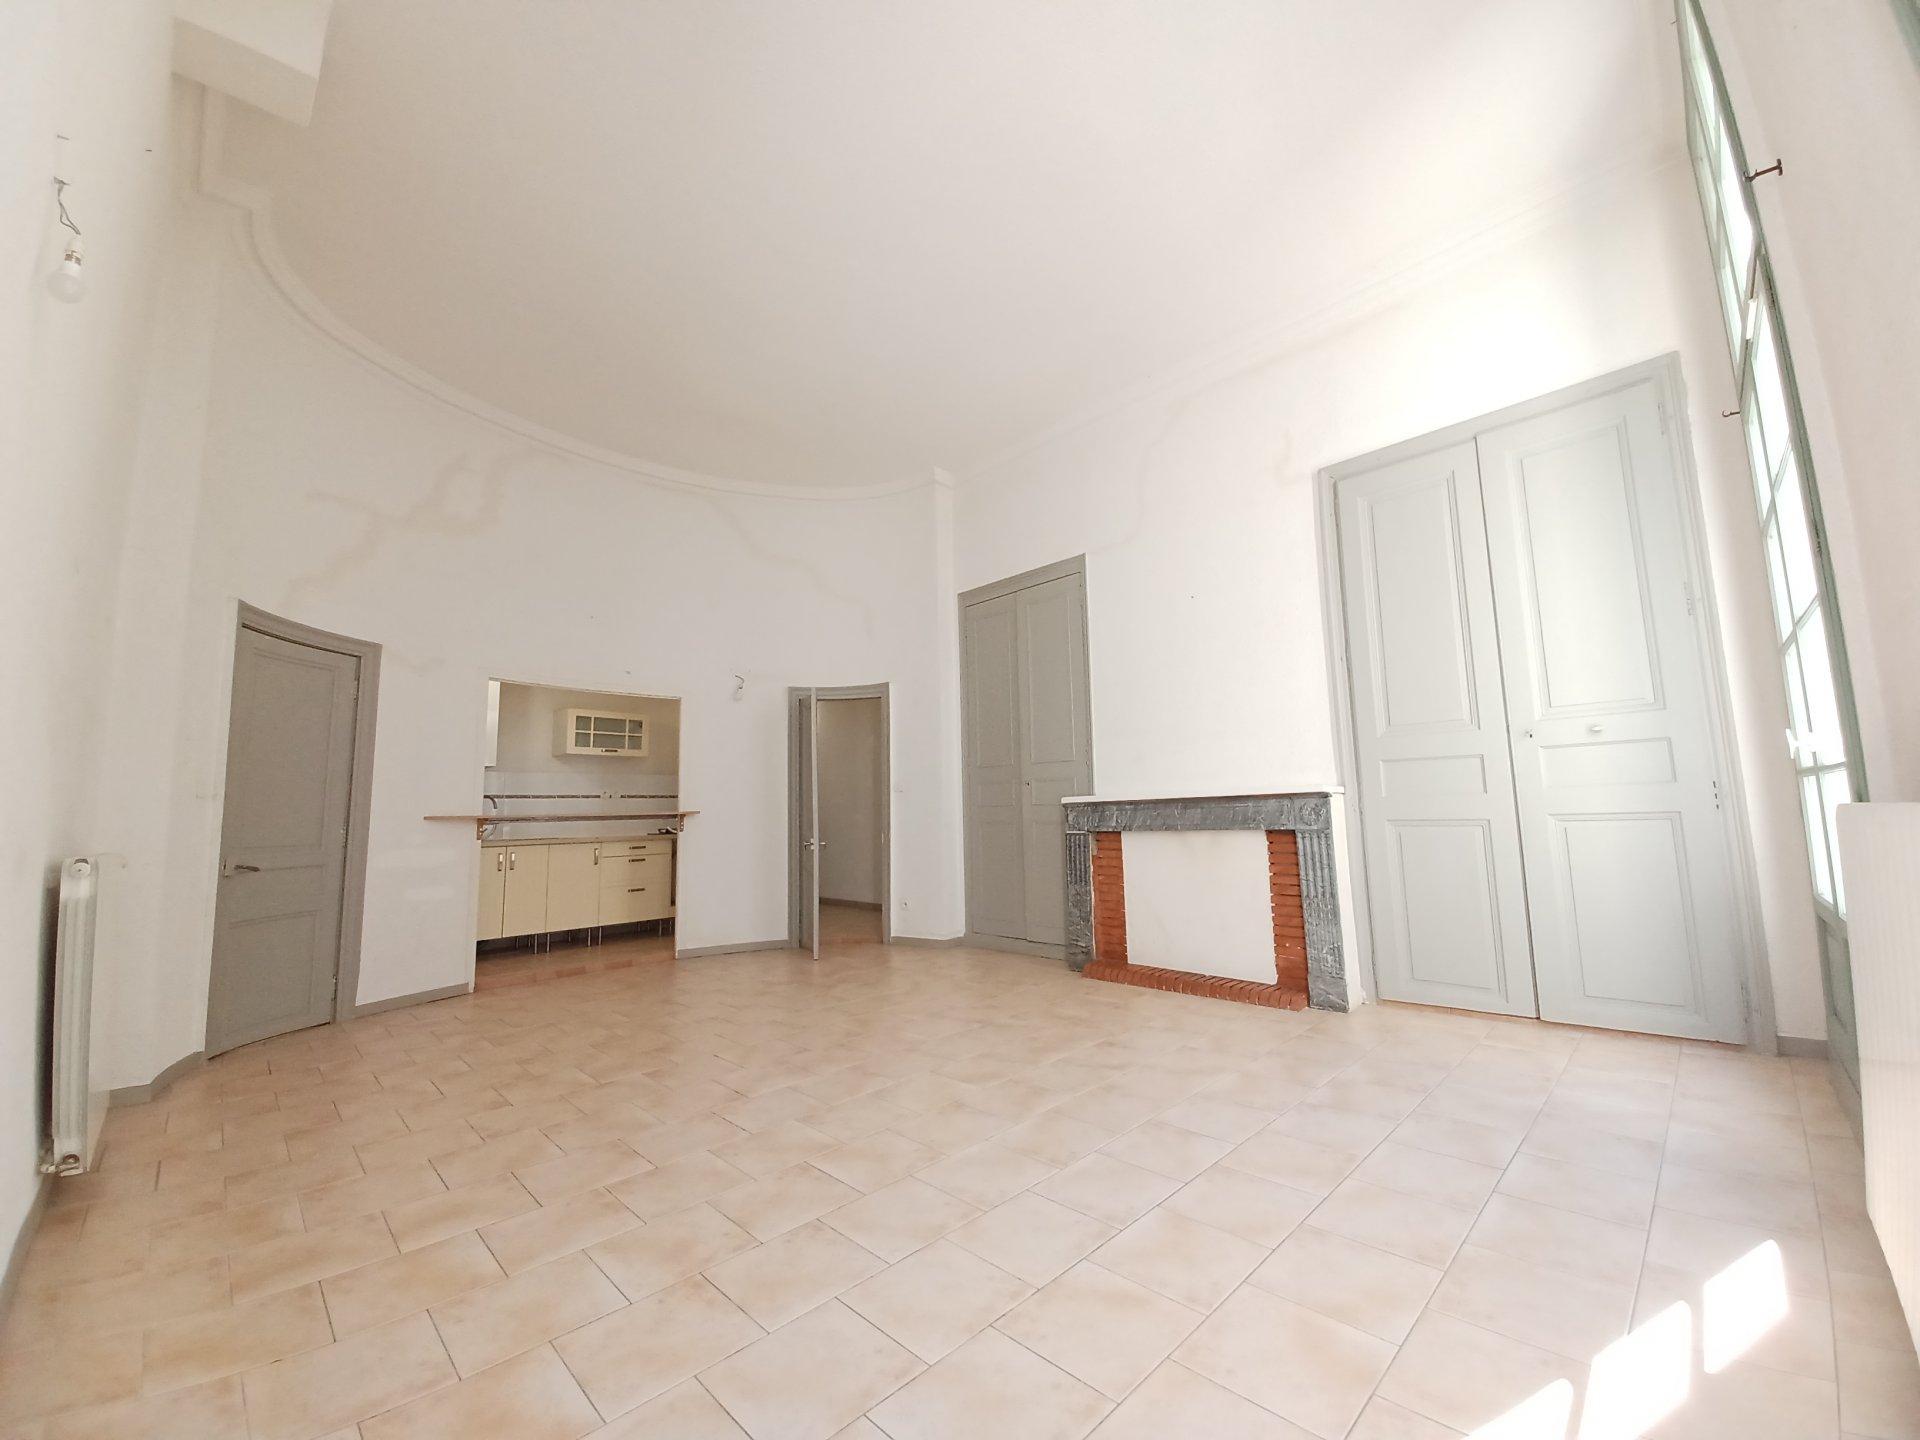 Location Appartement BEAUCAIRE 2 salles de bain